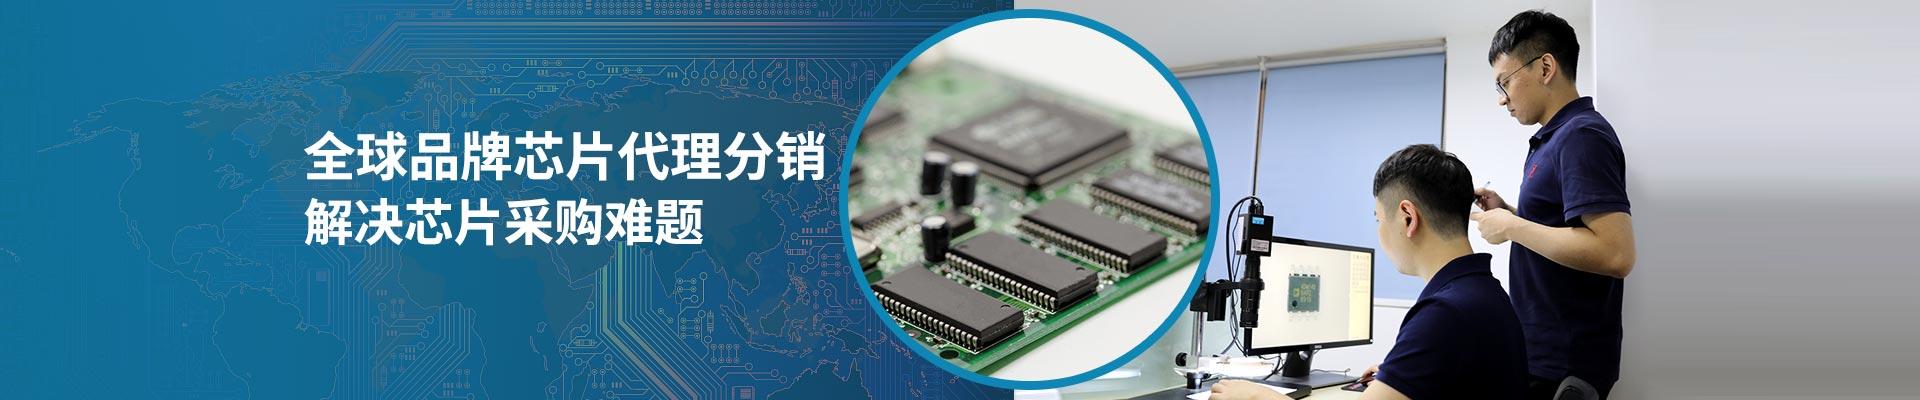 汇超电子-全球品牌芯片代理分销解决芯片采购难题